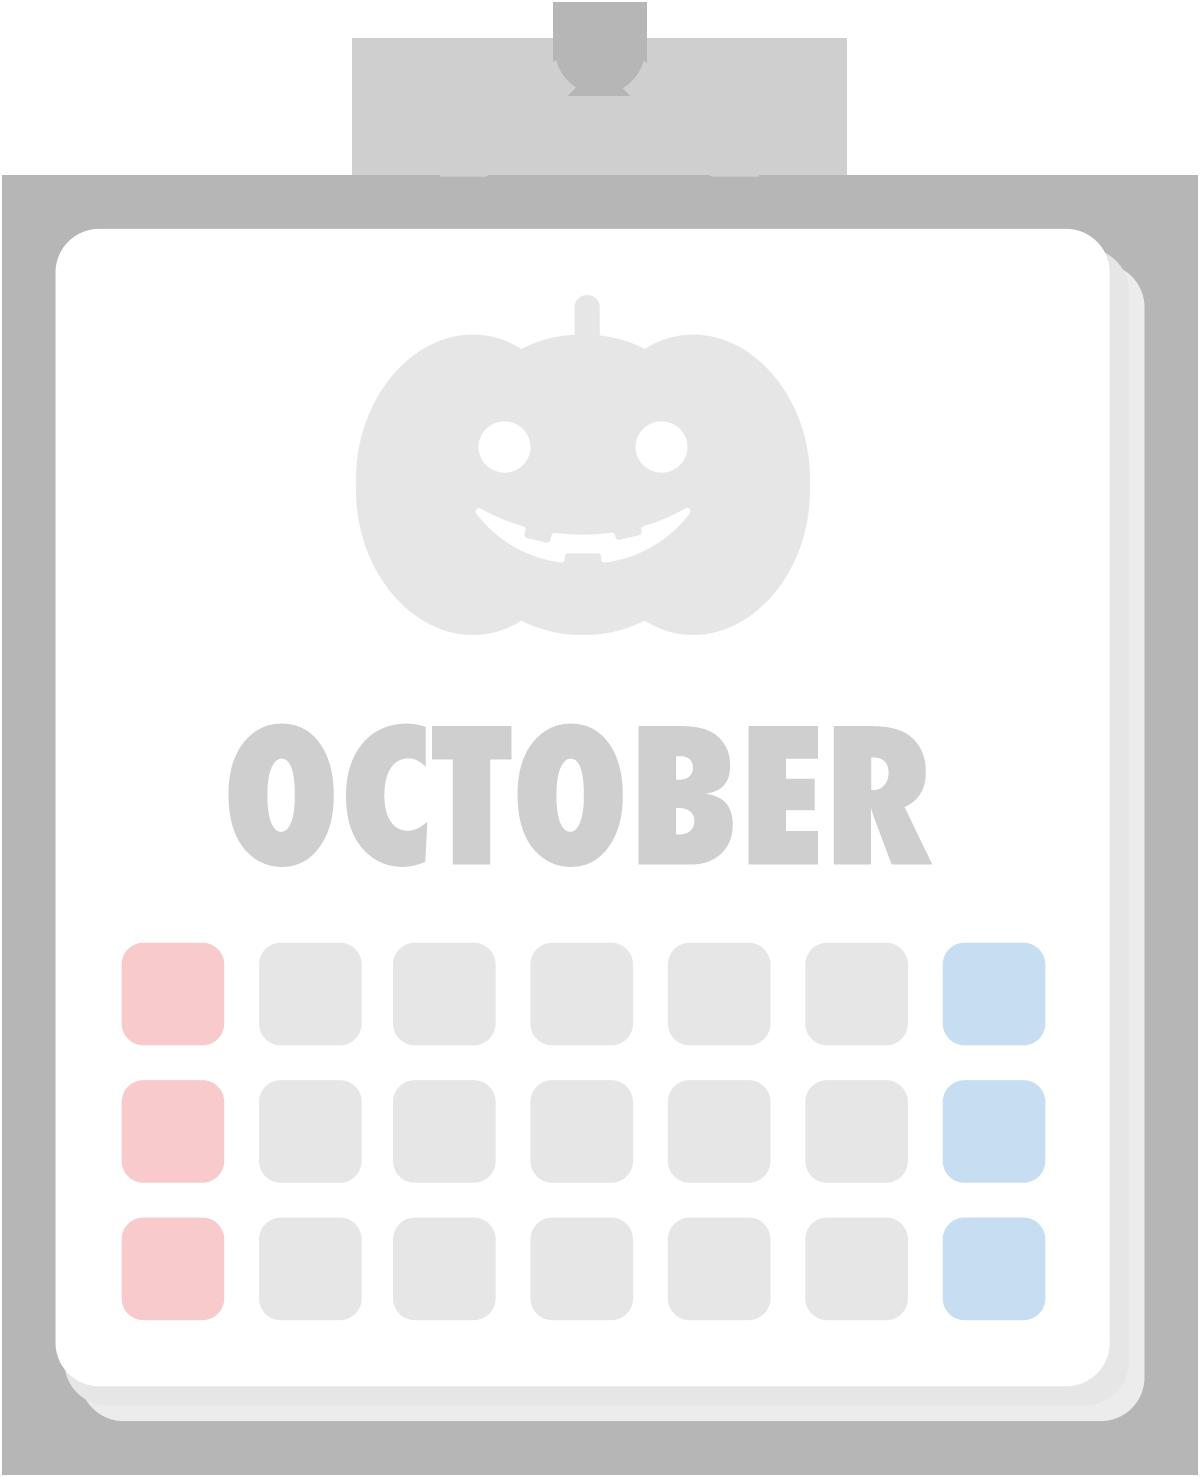 10月のカレンダーのイラスト